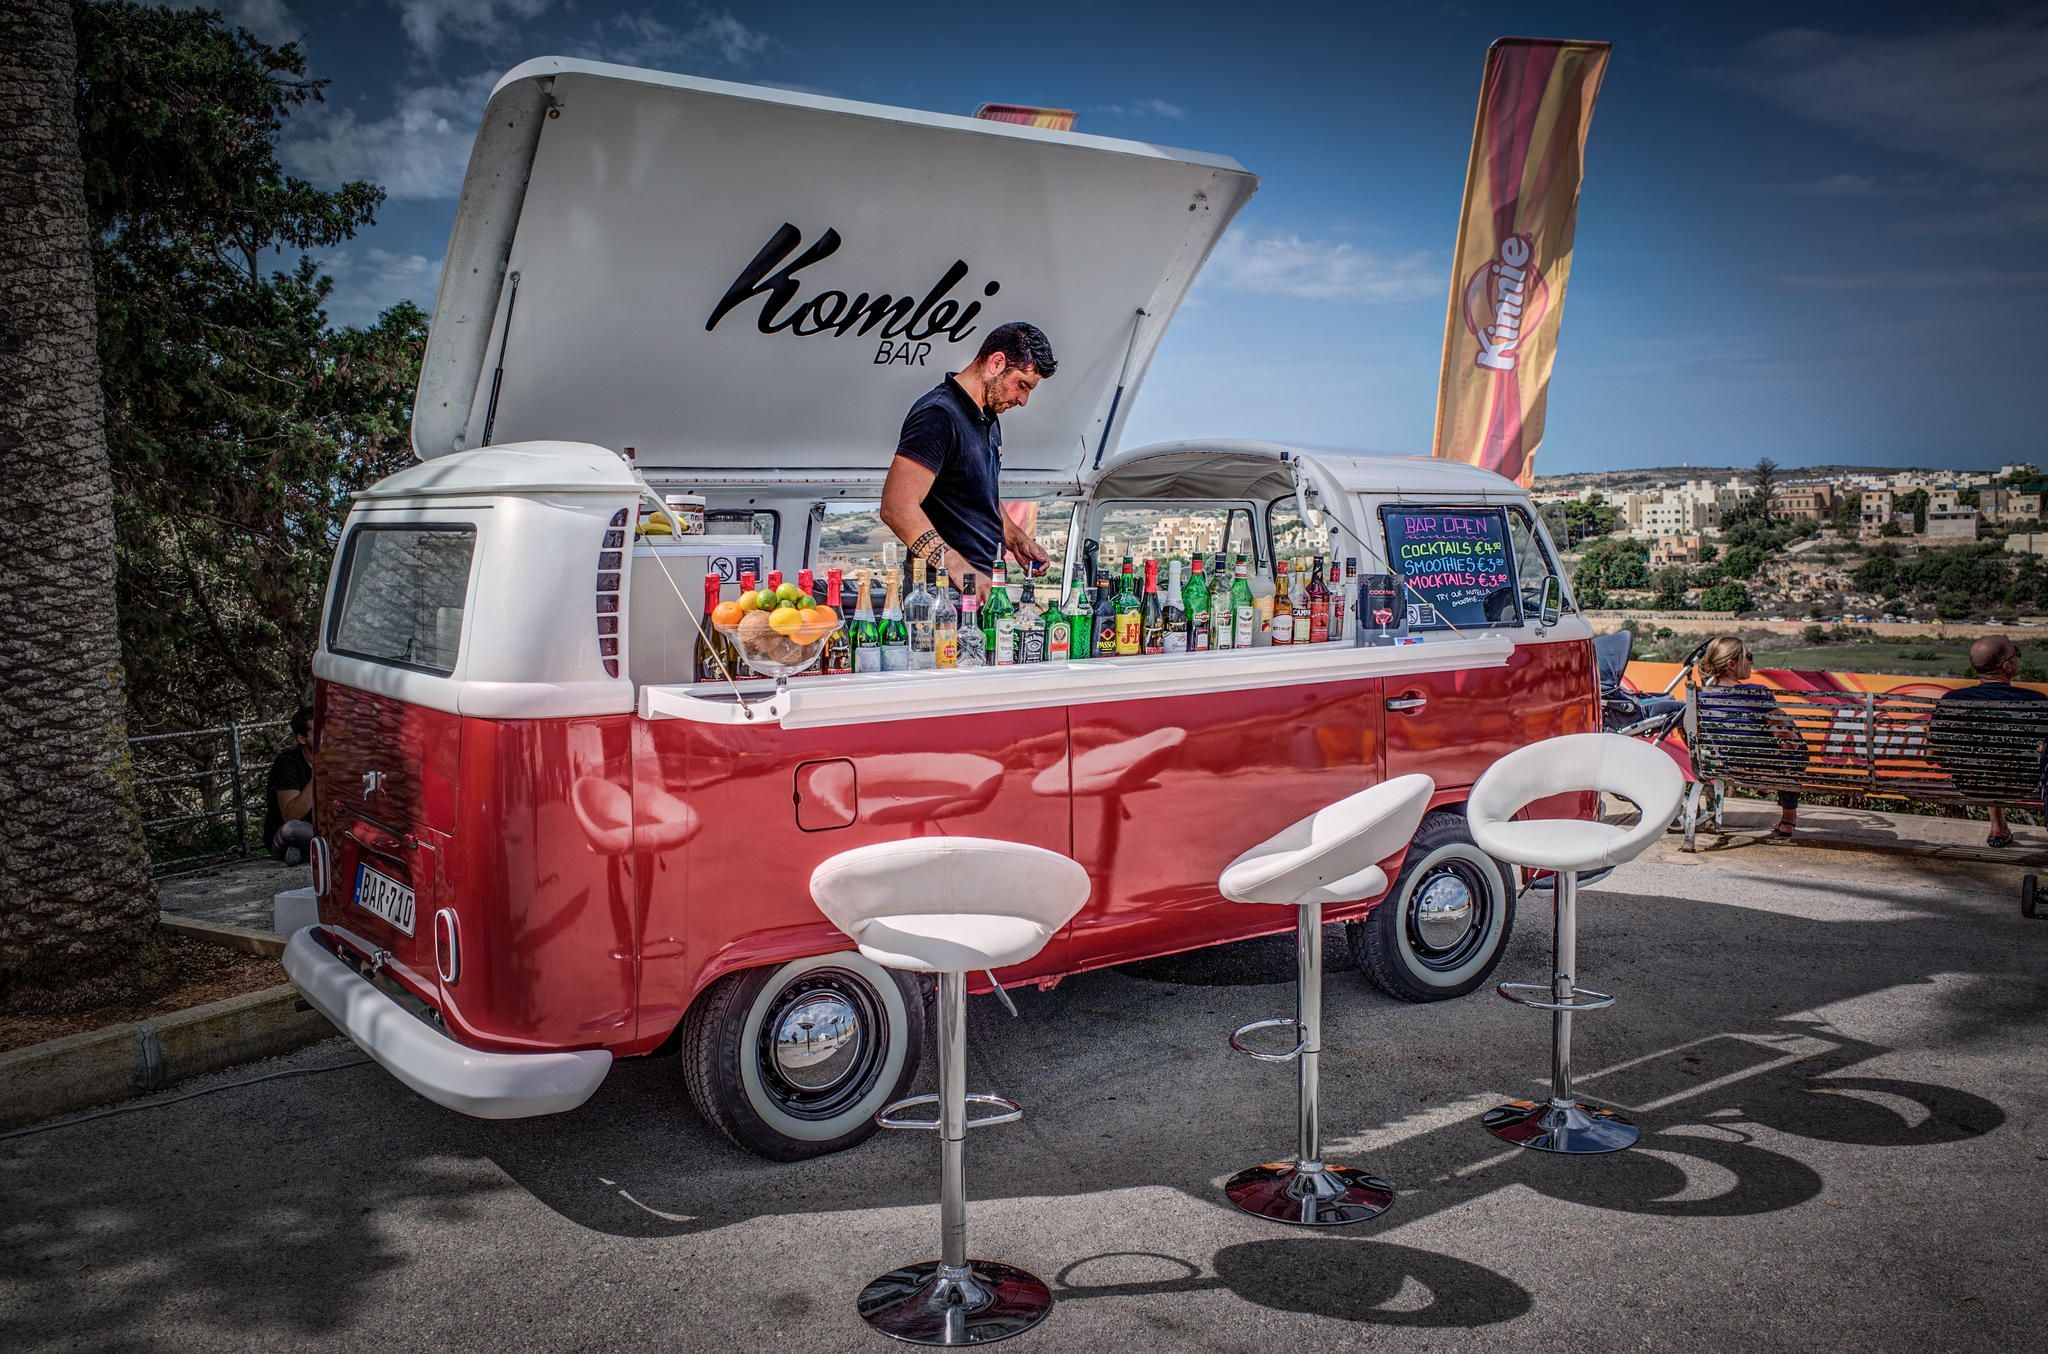 Vw Bulli As Kombi Bar Mobile Food Cart Food Vans Food Truck